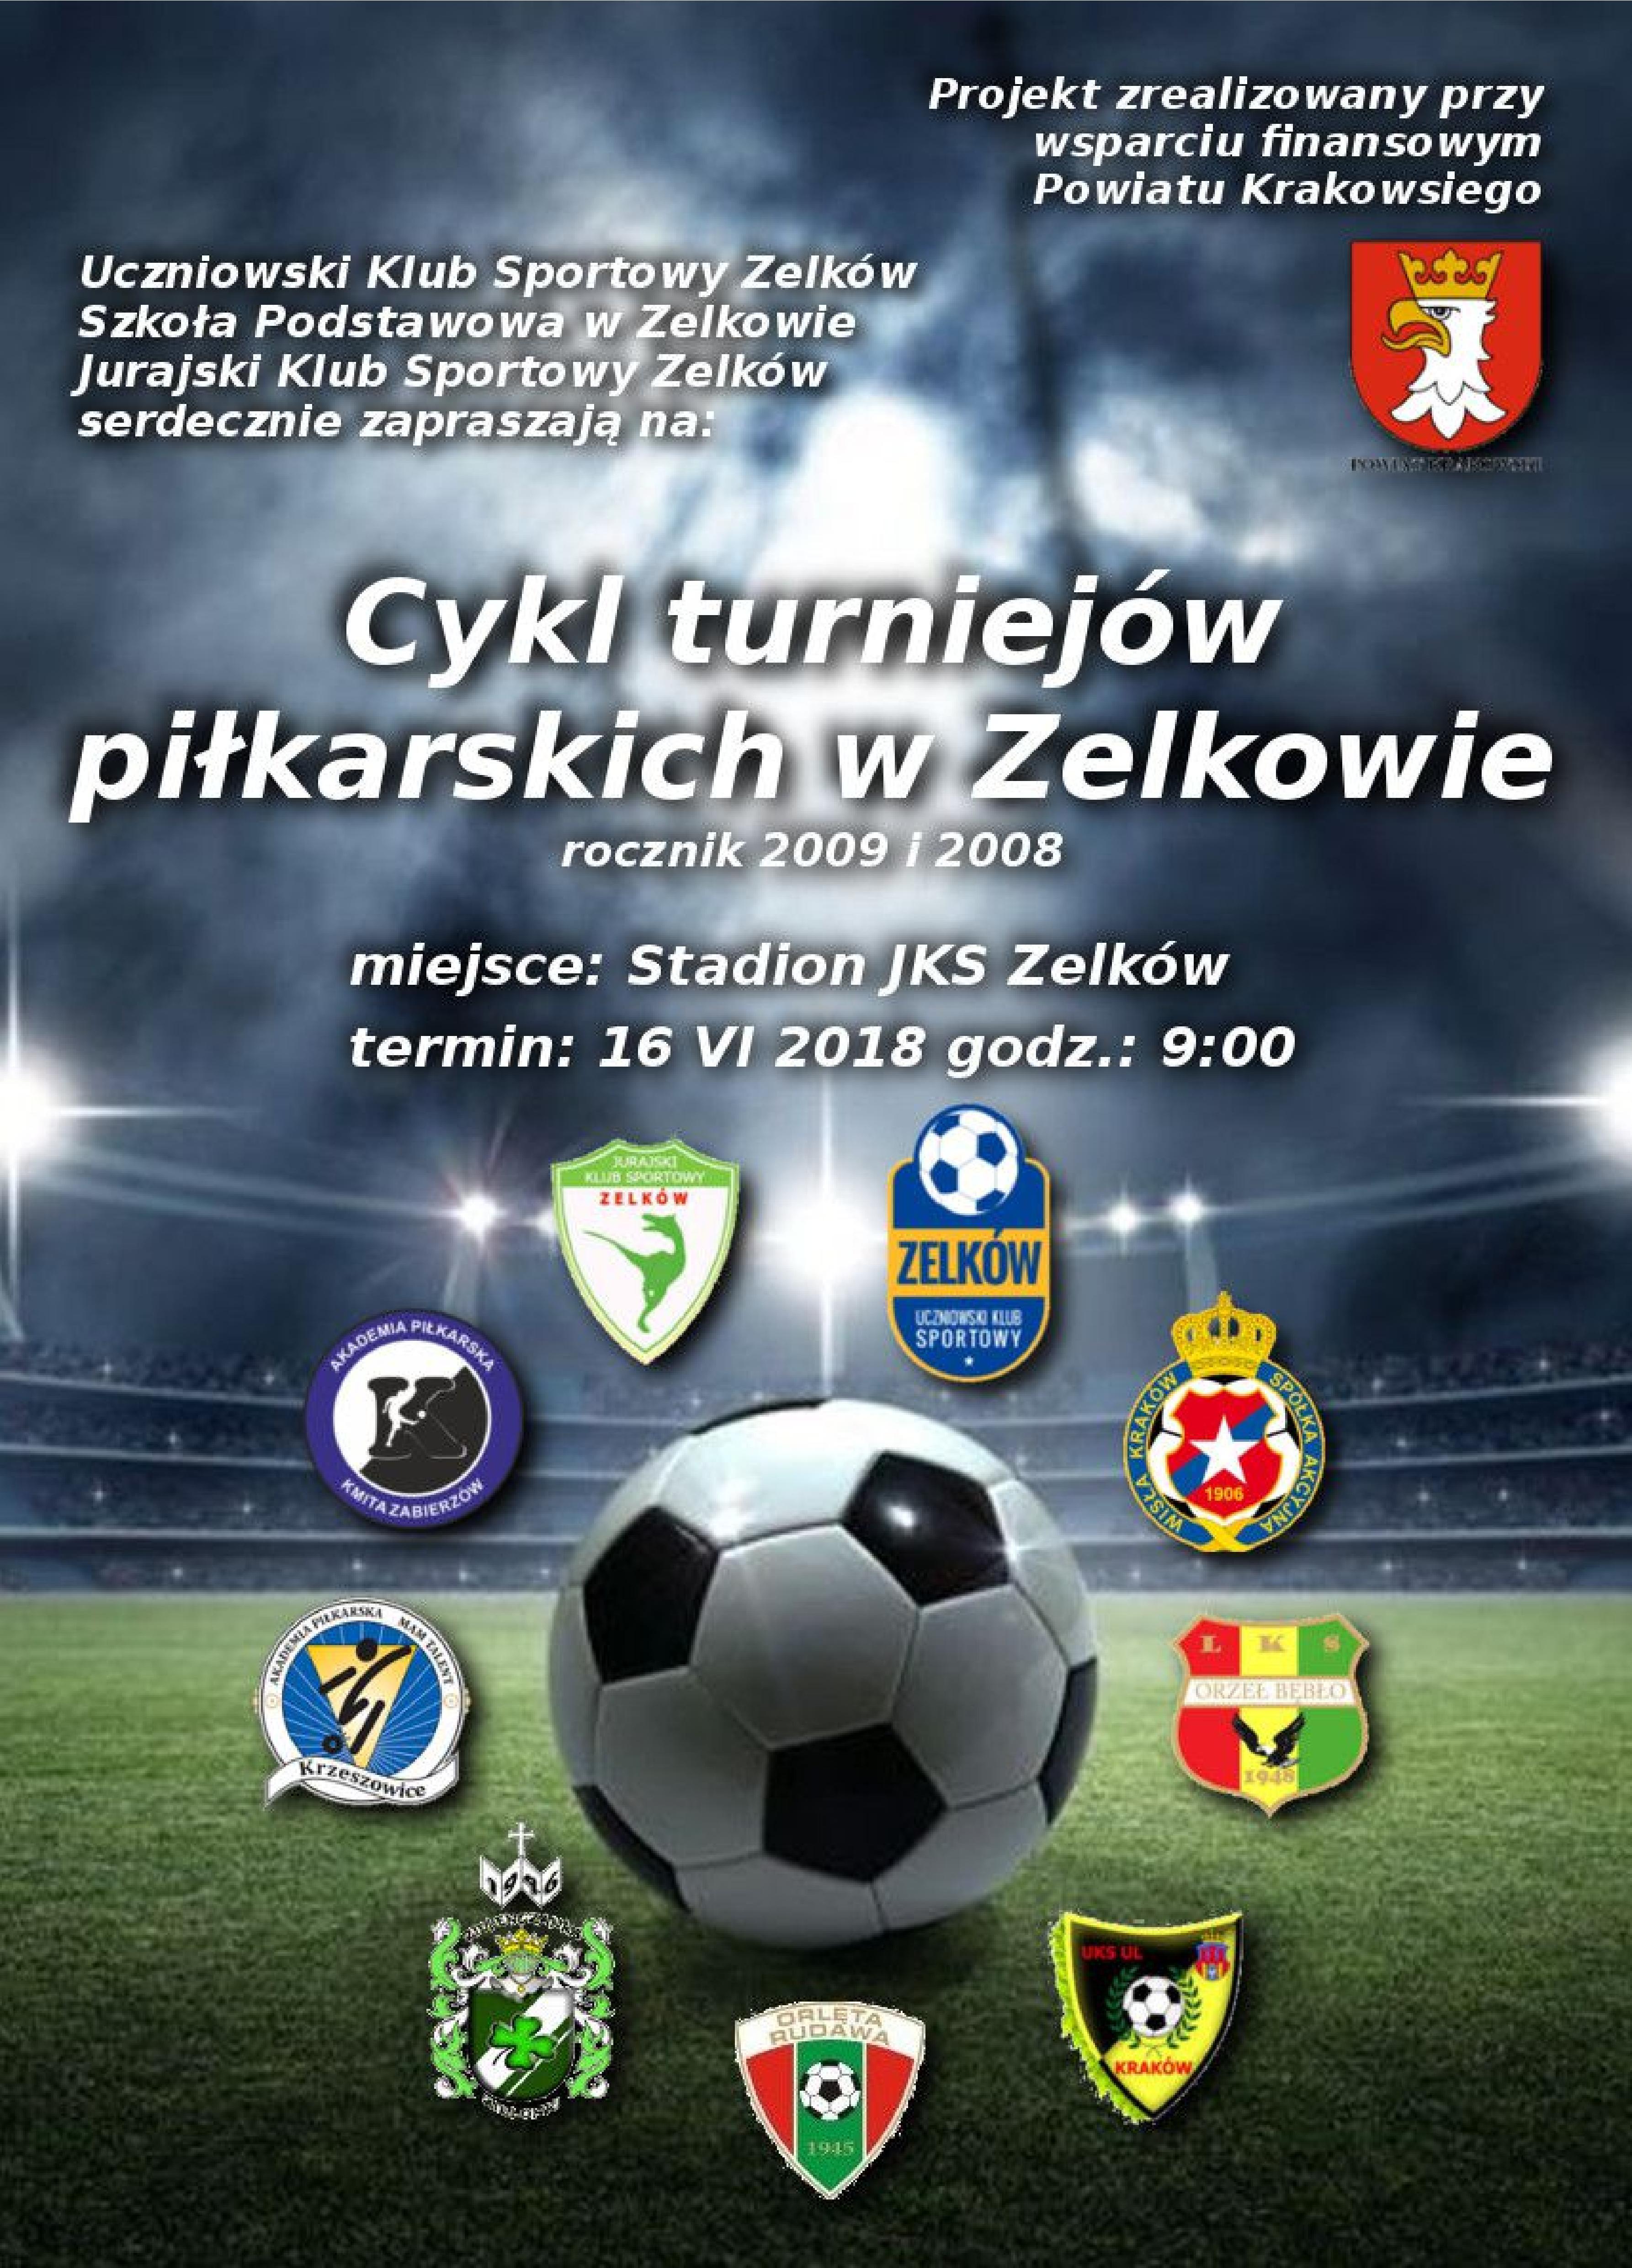 Cykl turniejów piłkarskich w Zelkowie @ Stadion JKS Zelków | Zelków | małopolskie | Polska